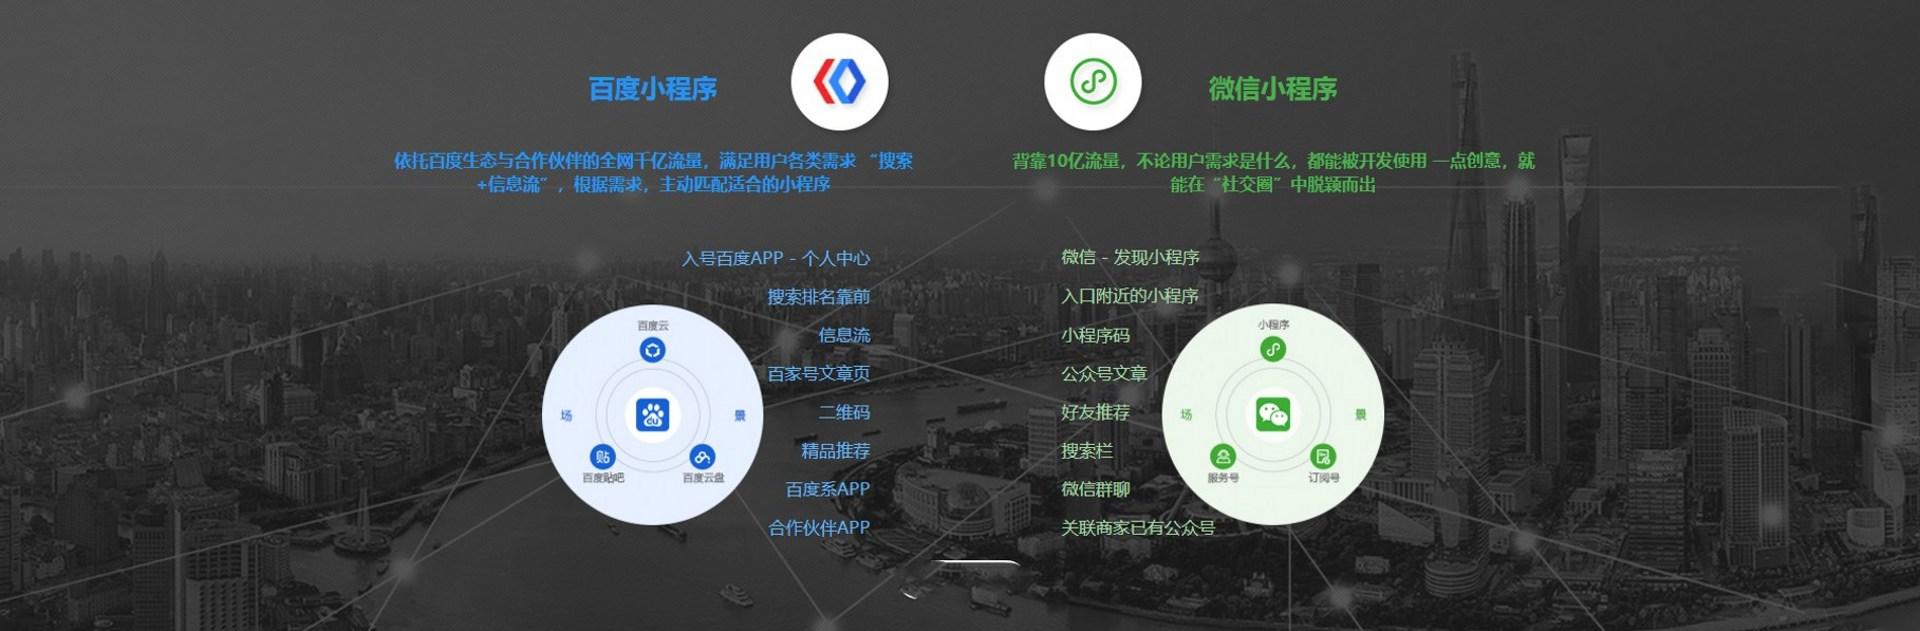 惠州百度小程序